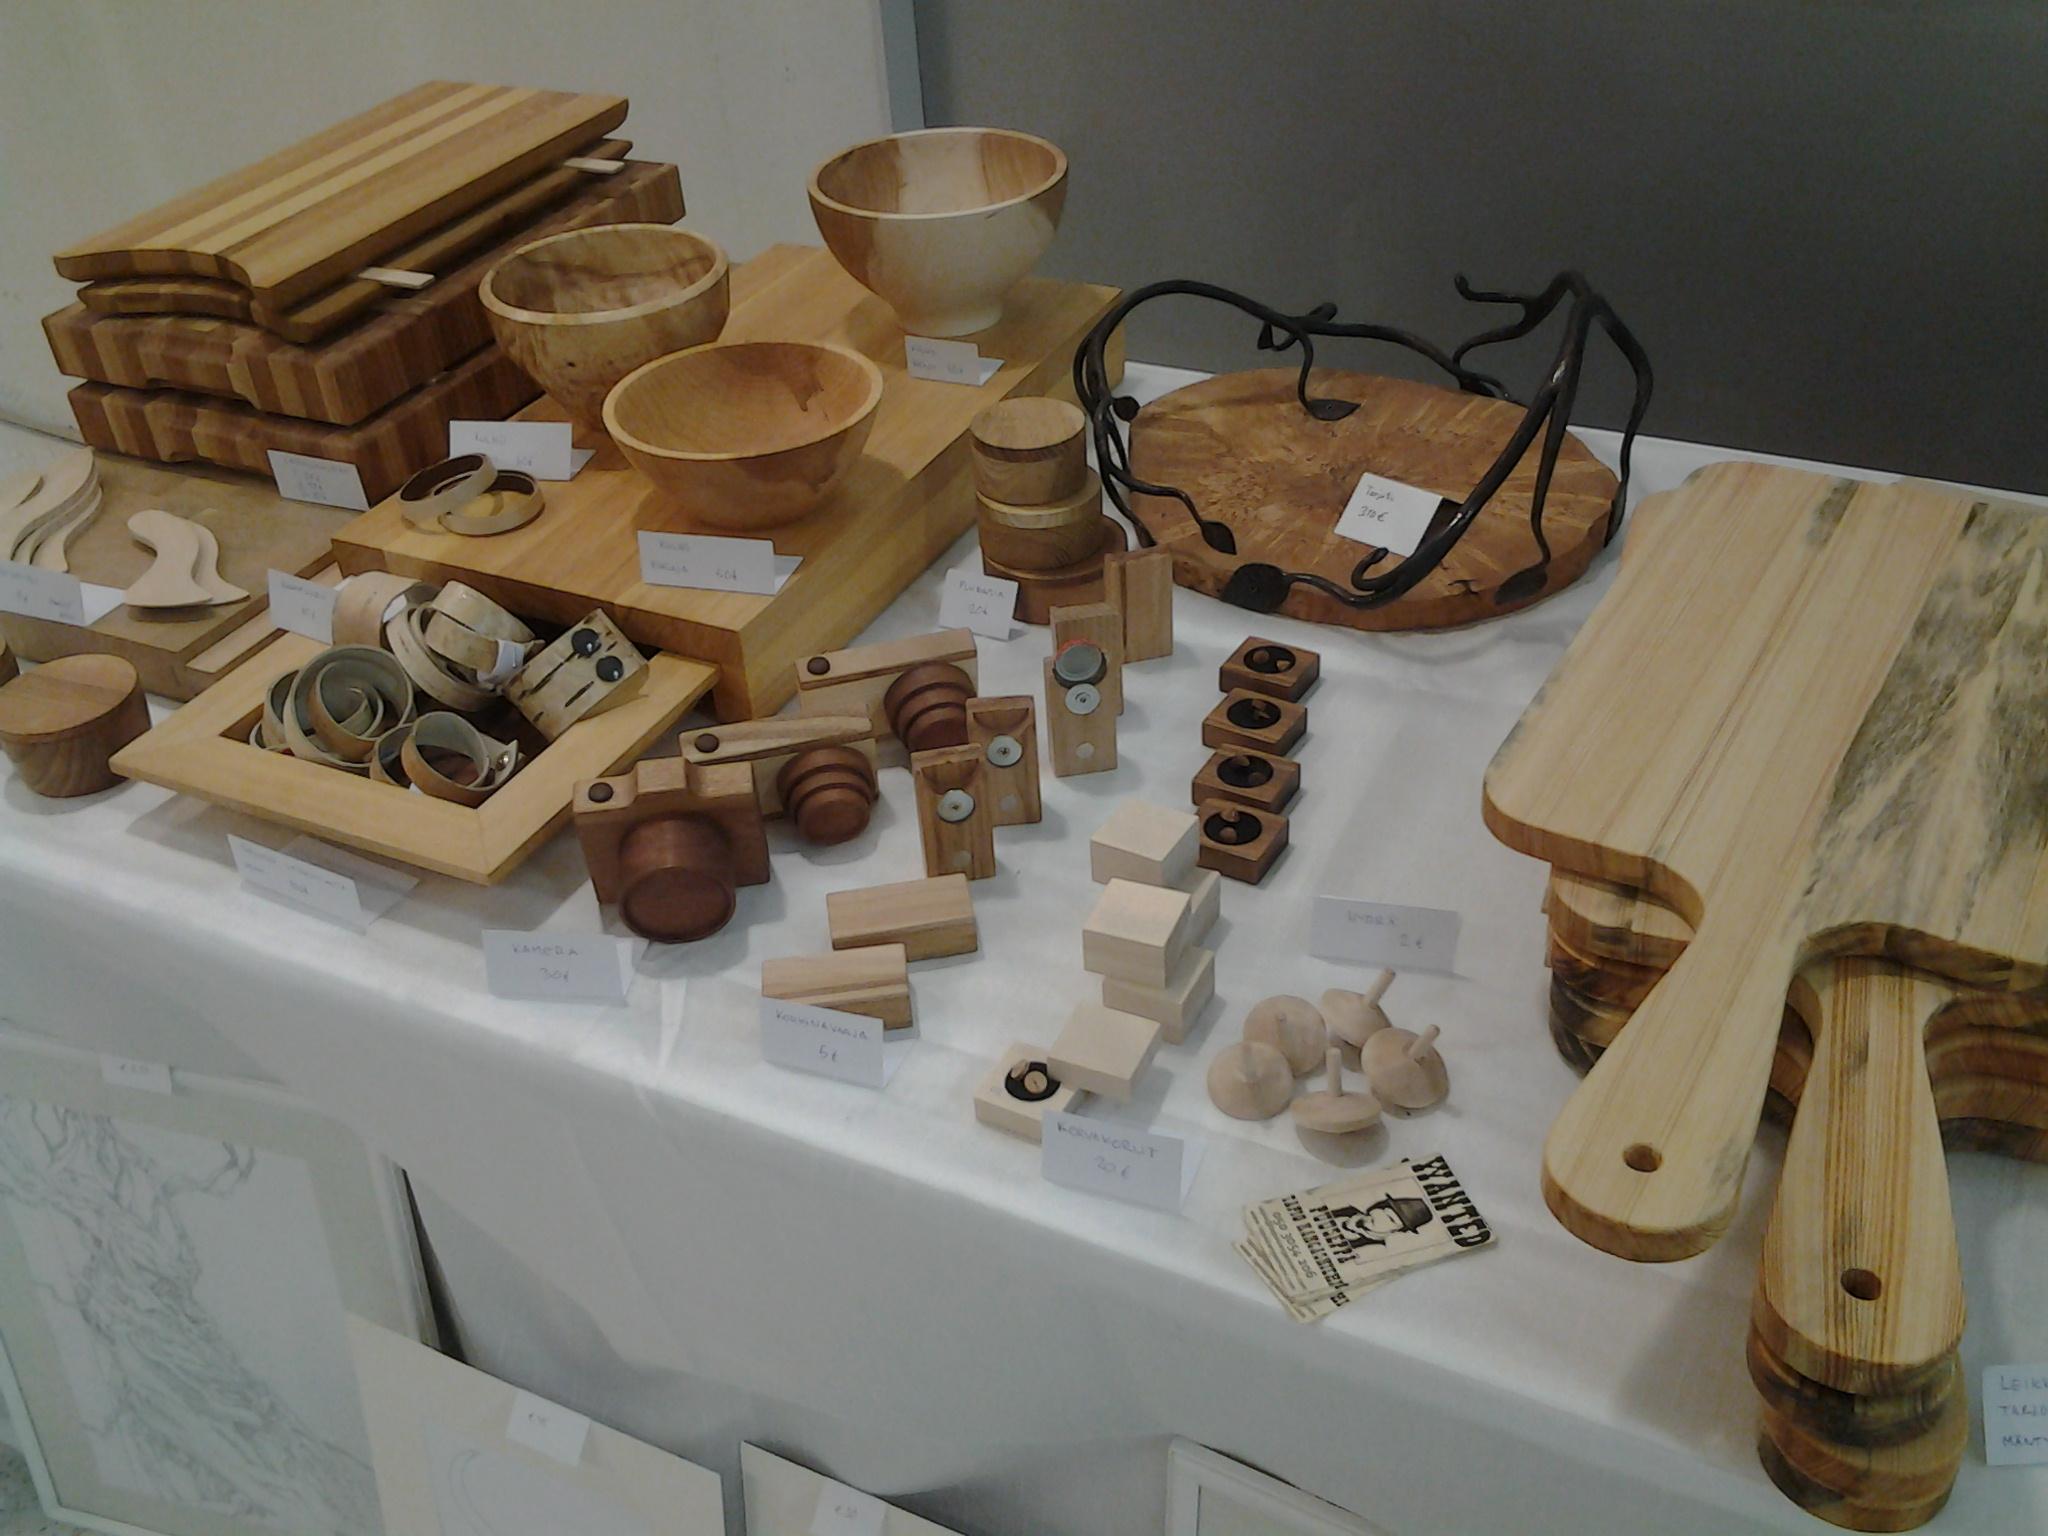 Myyntipöytä biomechanical 2014 näyttelyssä